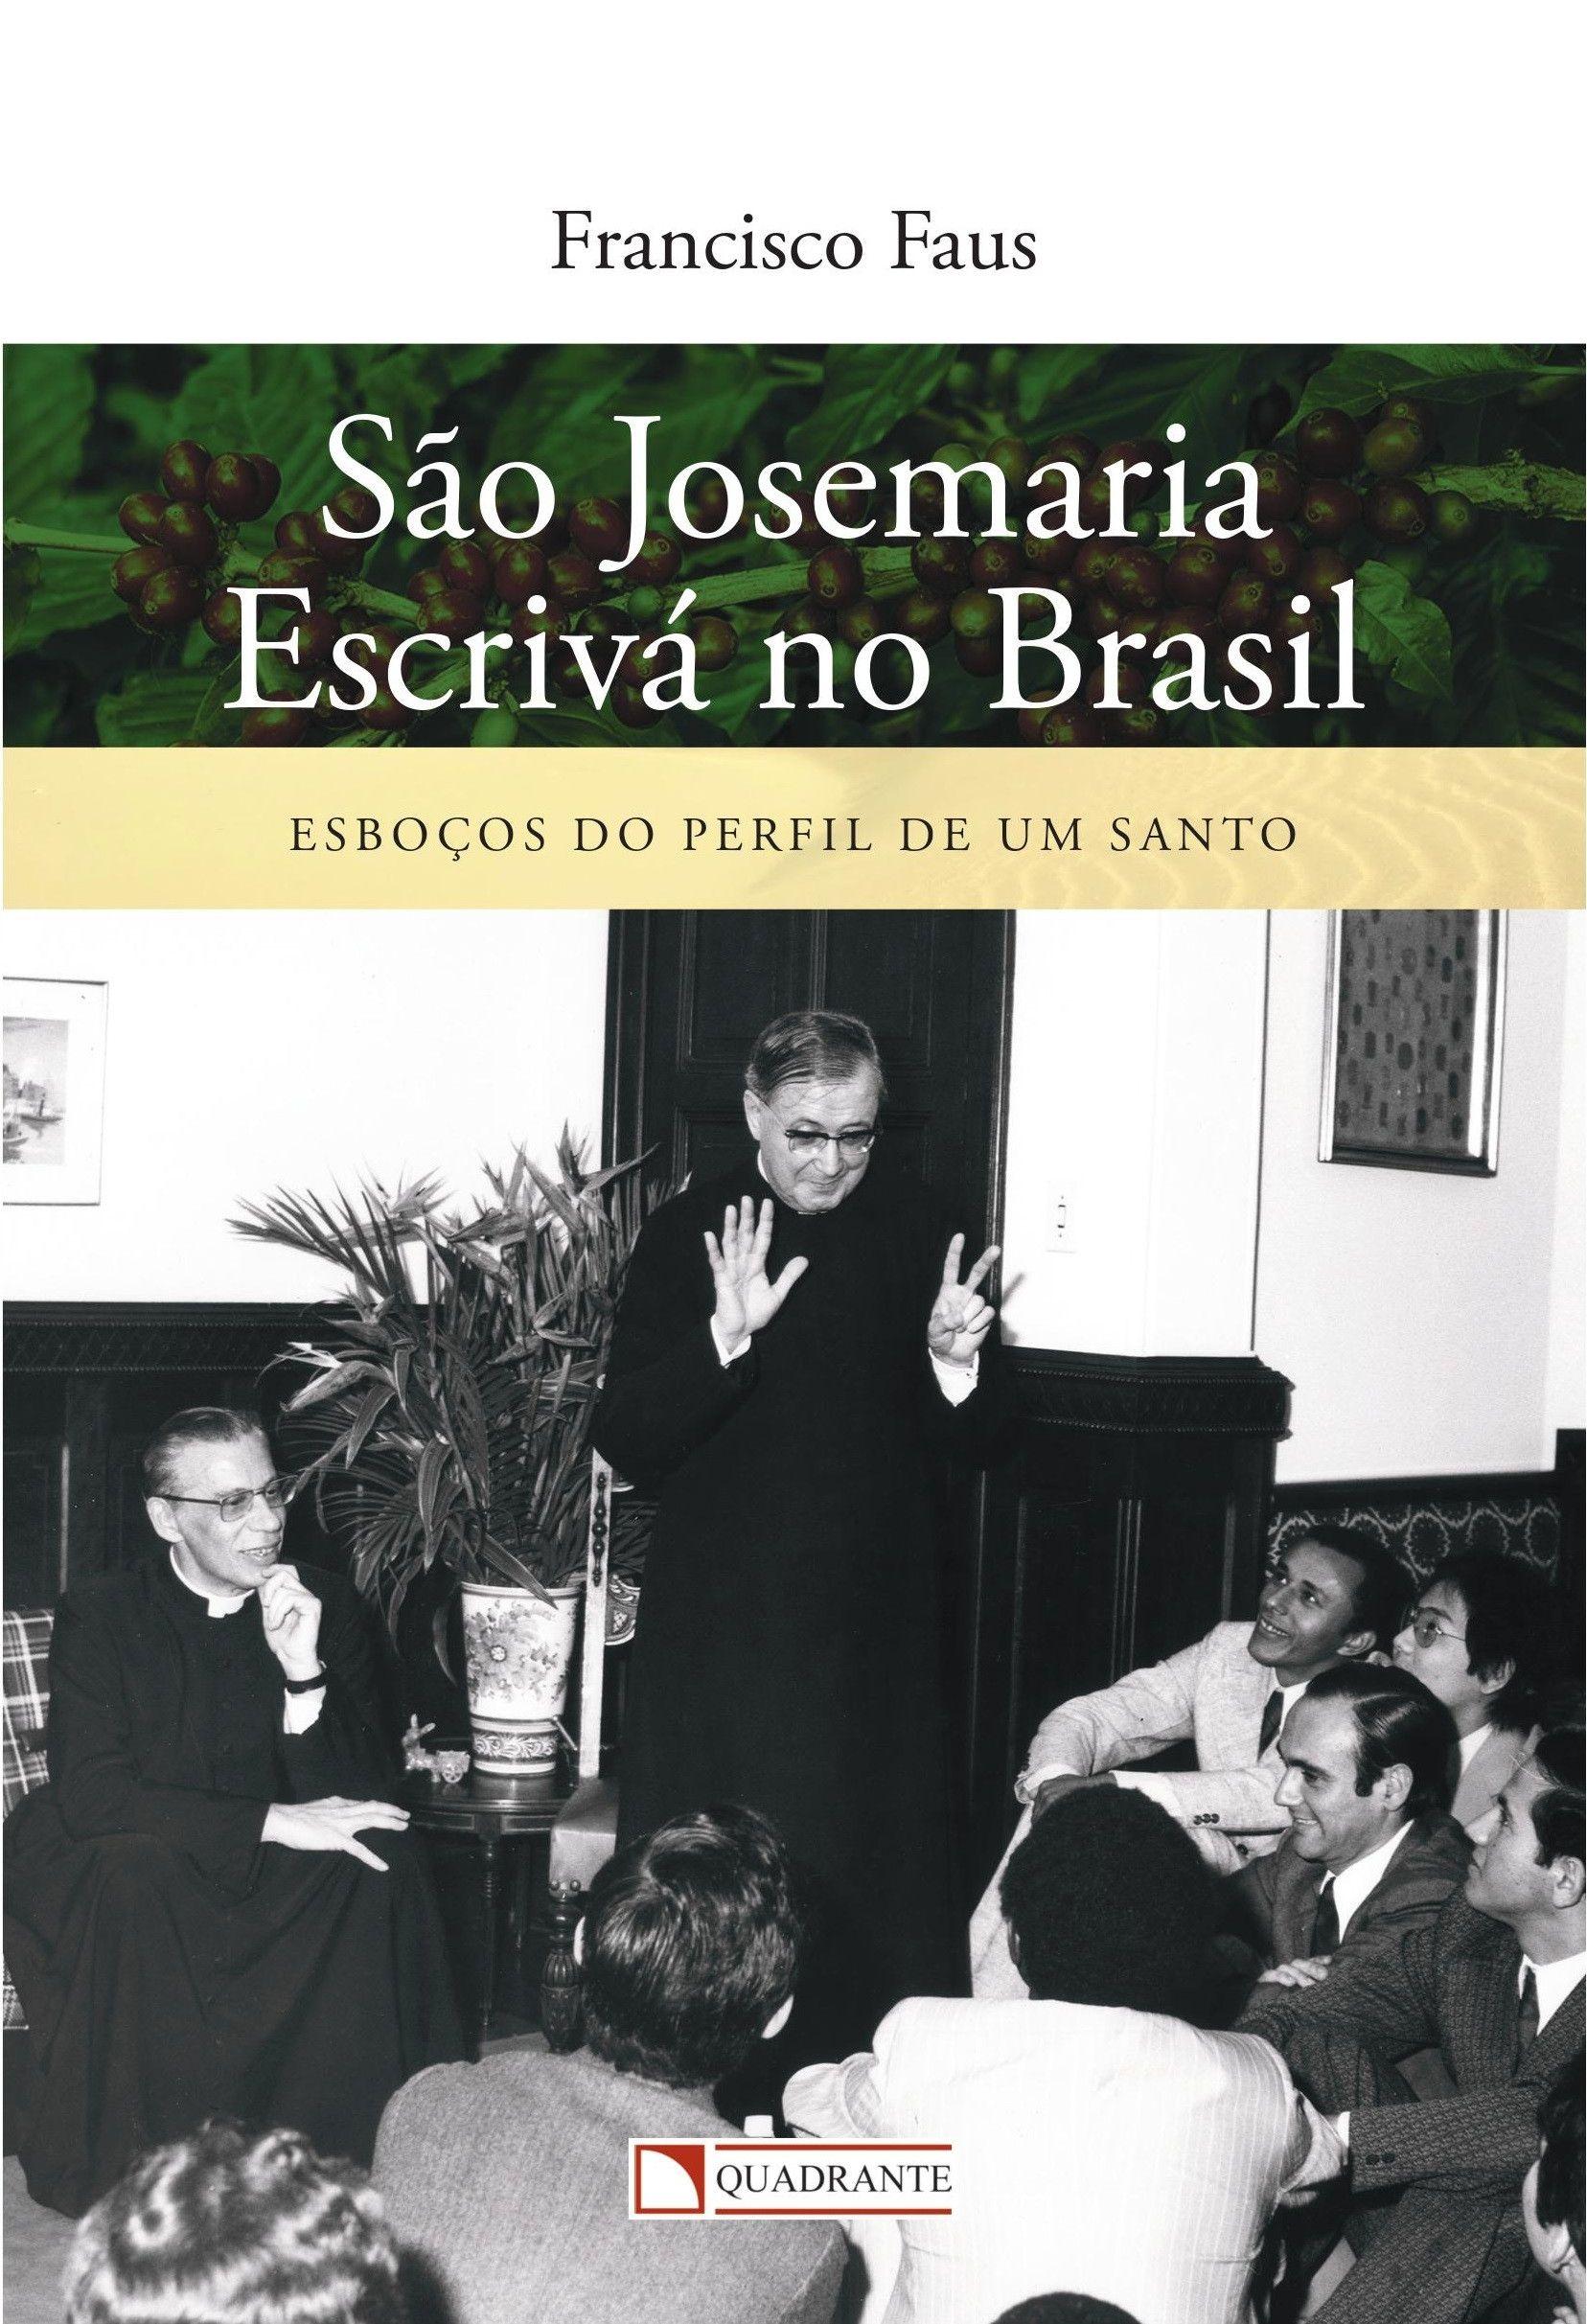 São Josemaria Escrivá no Brasil - Esboços do perfil de um santo